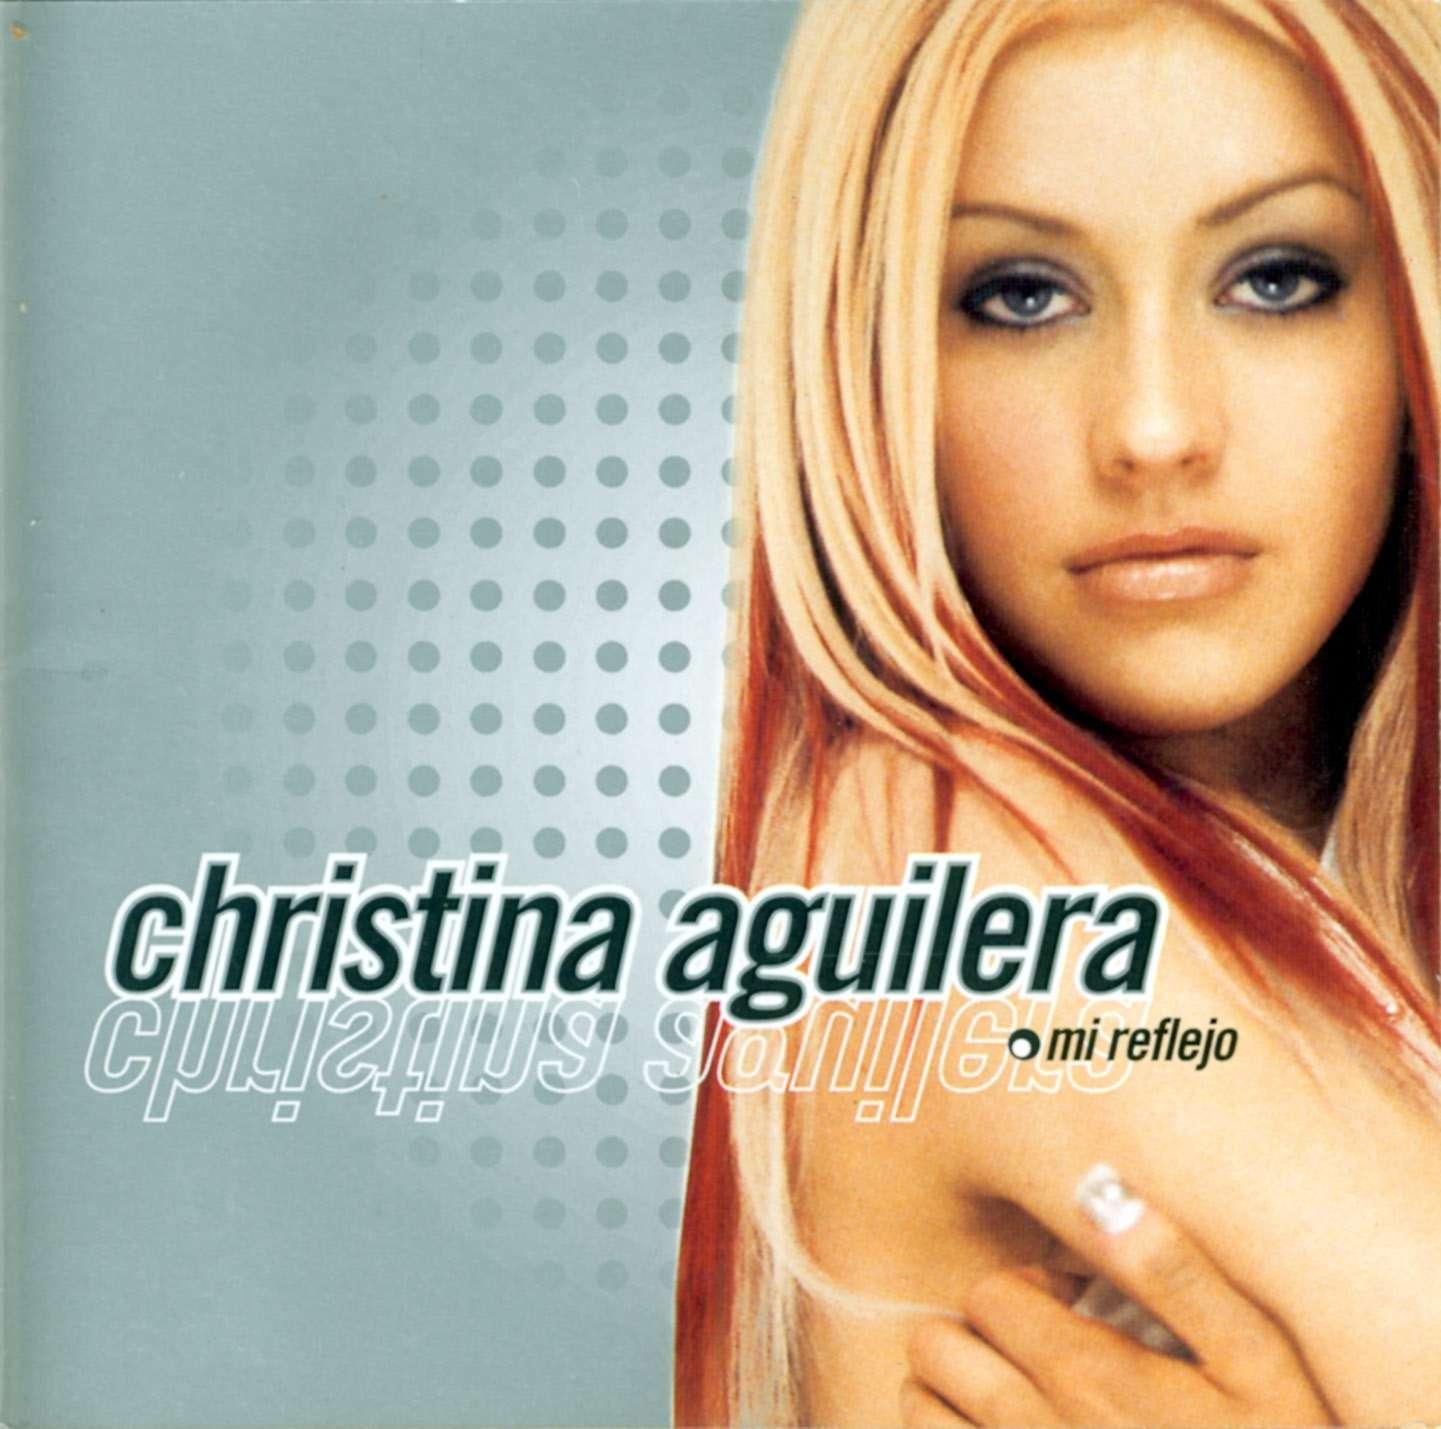 http://1.bp.blogspot.com/_4L2yQqwaWe8/TSIMXxZNNNI/AAAAAAAAAd0/xcVm4qlEiSg/s1600/christina_aguilera_-_mi_reflejo-front.jpg